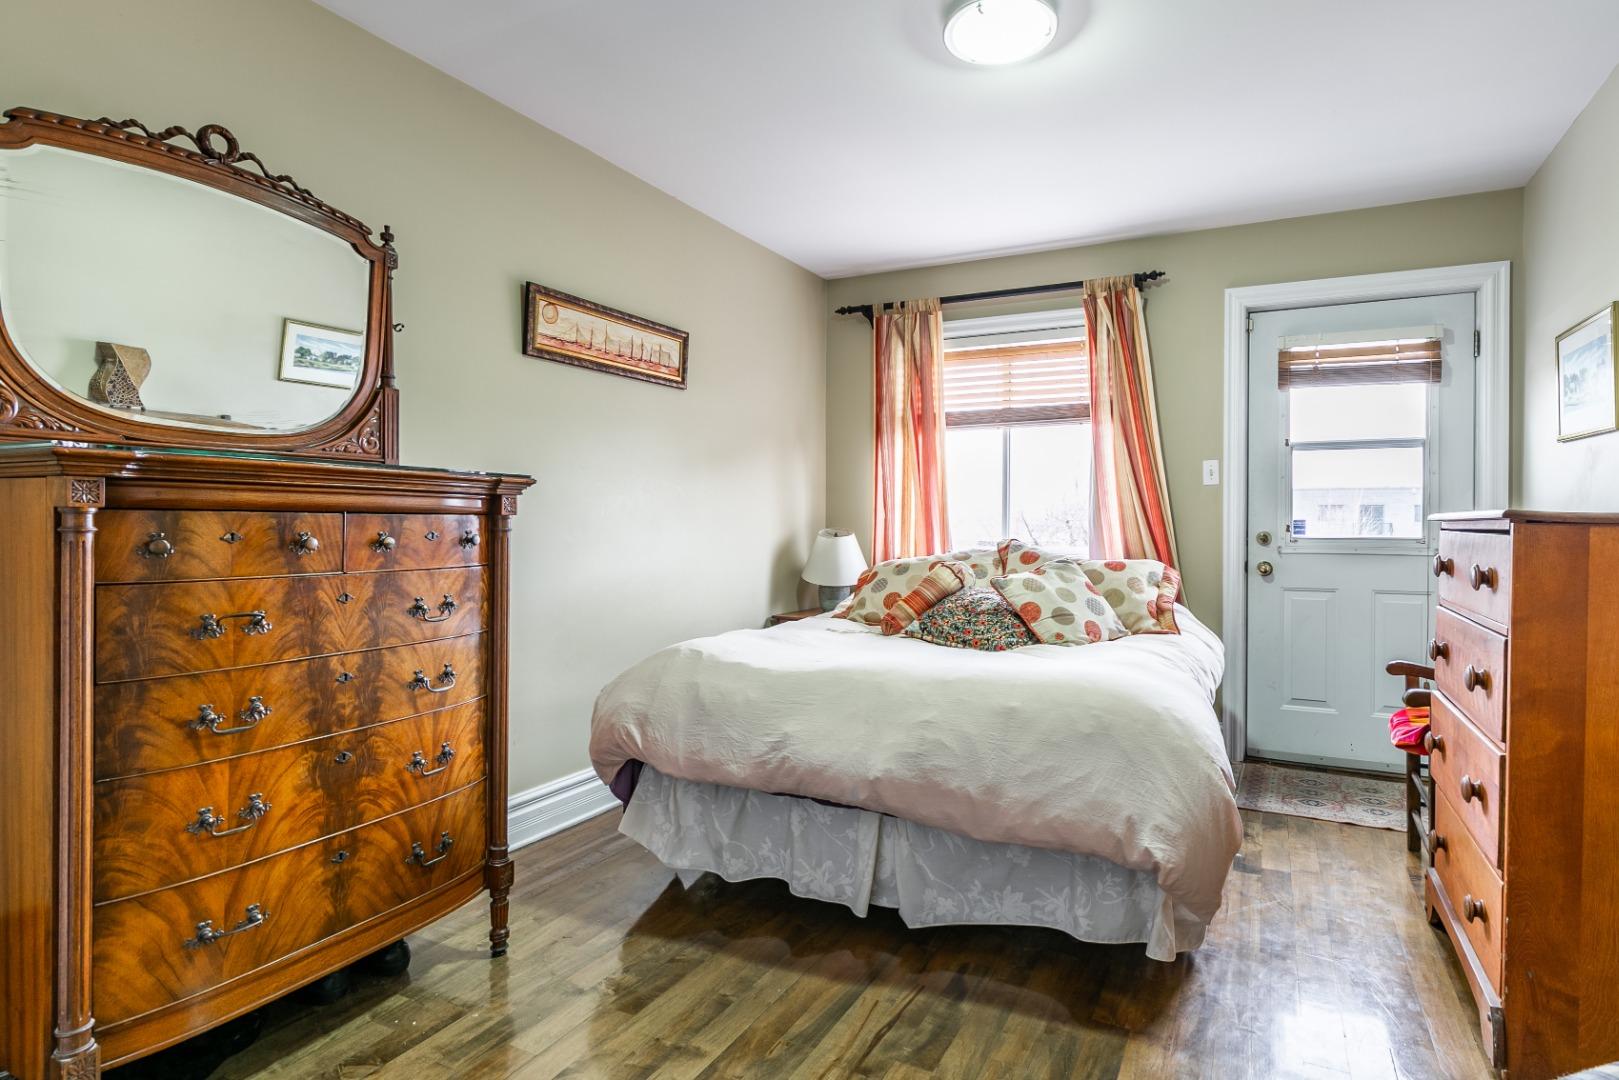 Condo à vendre Rosemont 6529 rue Cartier Montréal-15.jpg